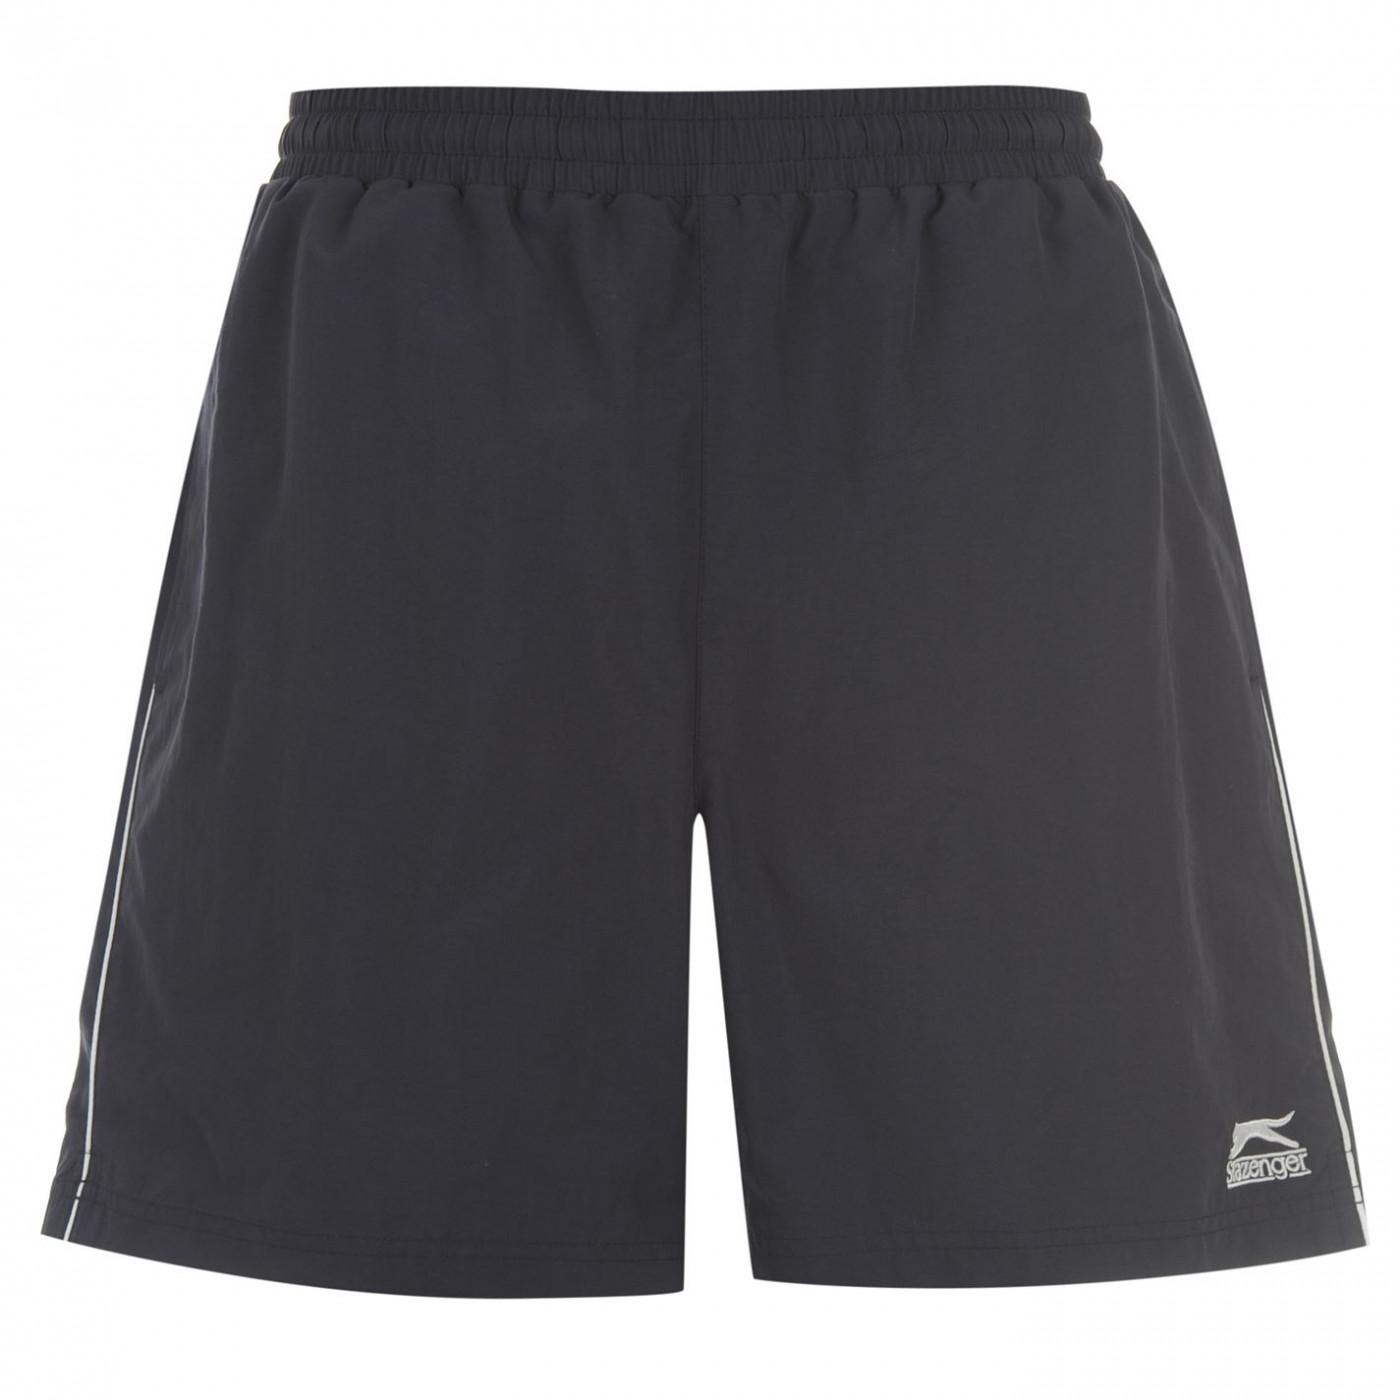 Men's swim shorts Slazenger Classic